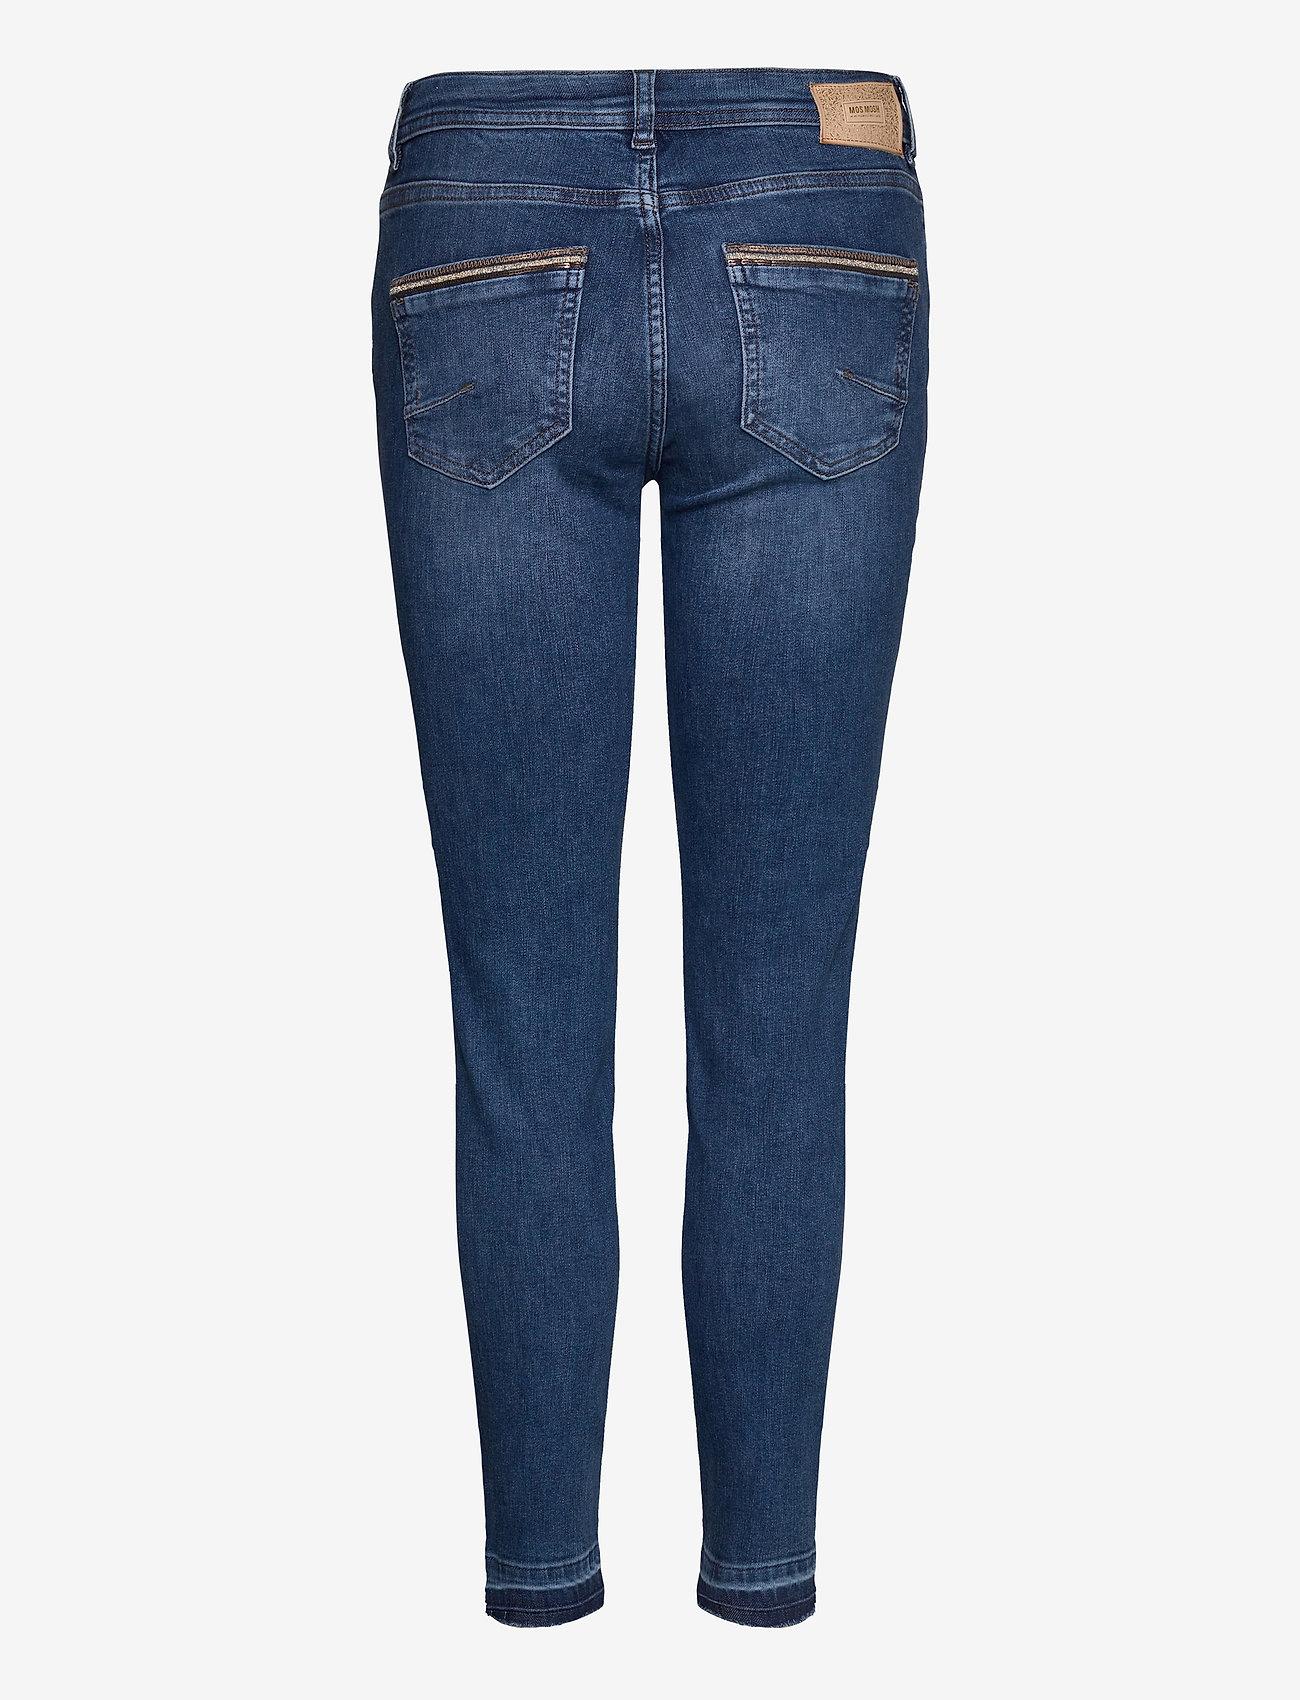 MOS MOSH - Sumner Jewel Jeans - wąskie dżinsy - blue - 1